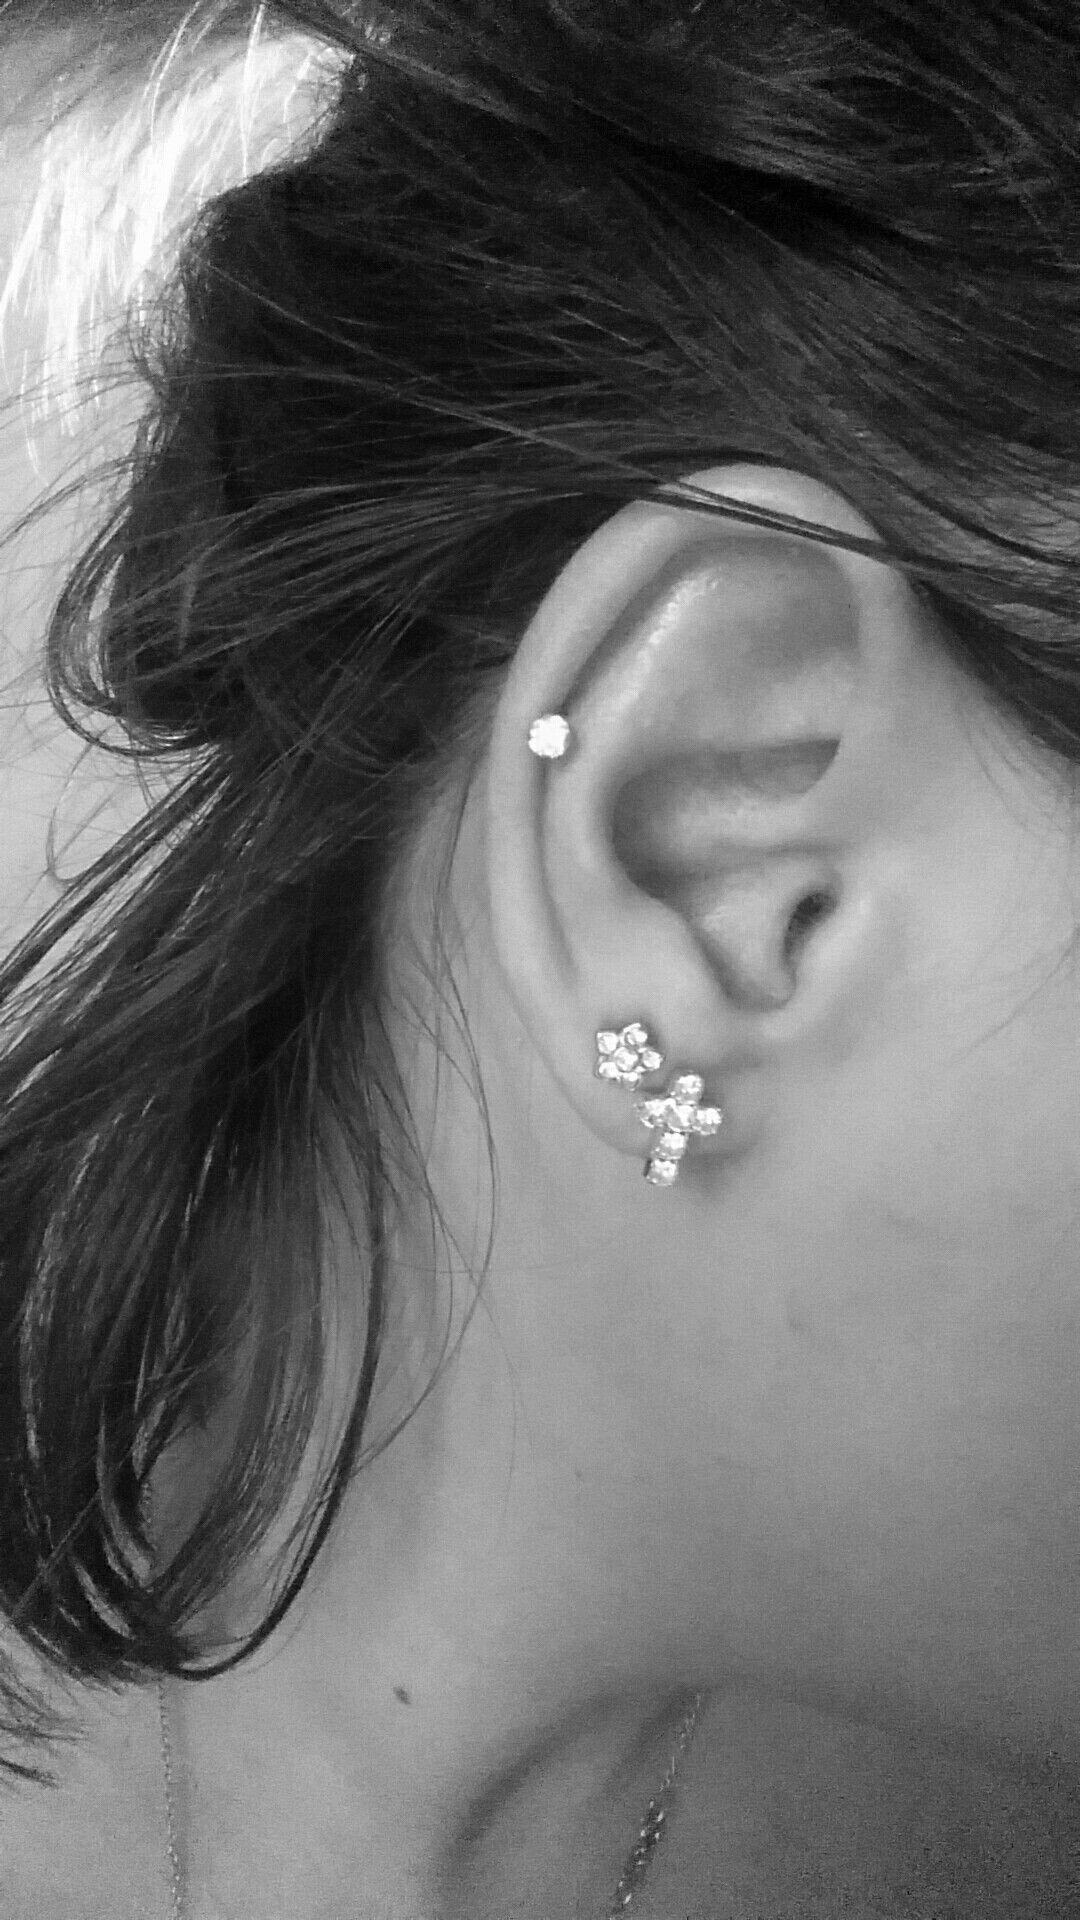 2df45c5b4 My mid cartilage piercing!!! | Ear piercings in 2019 | Ear lobe ...